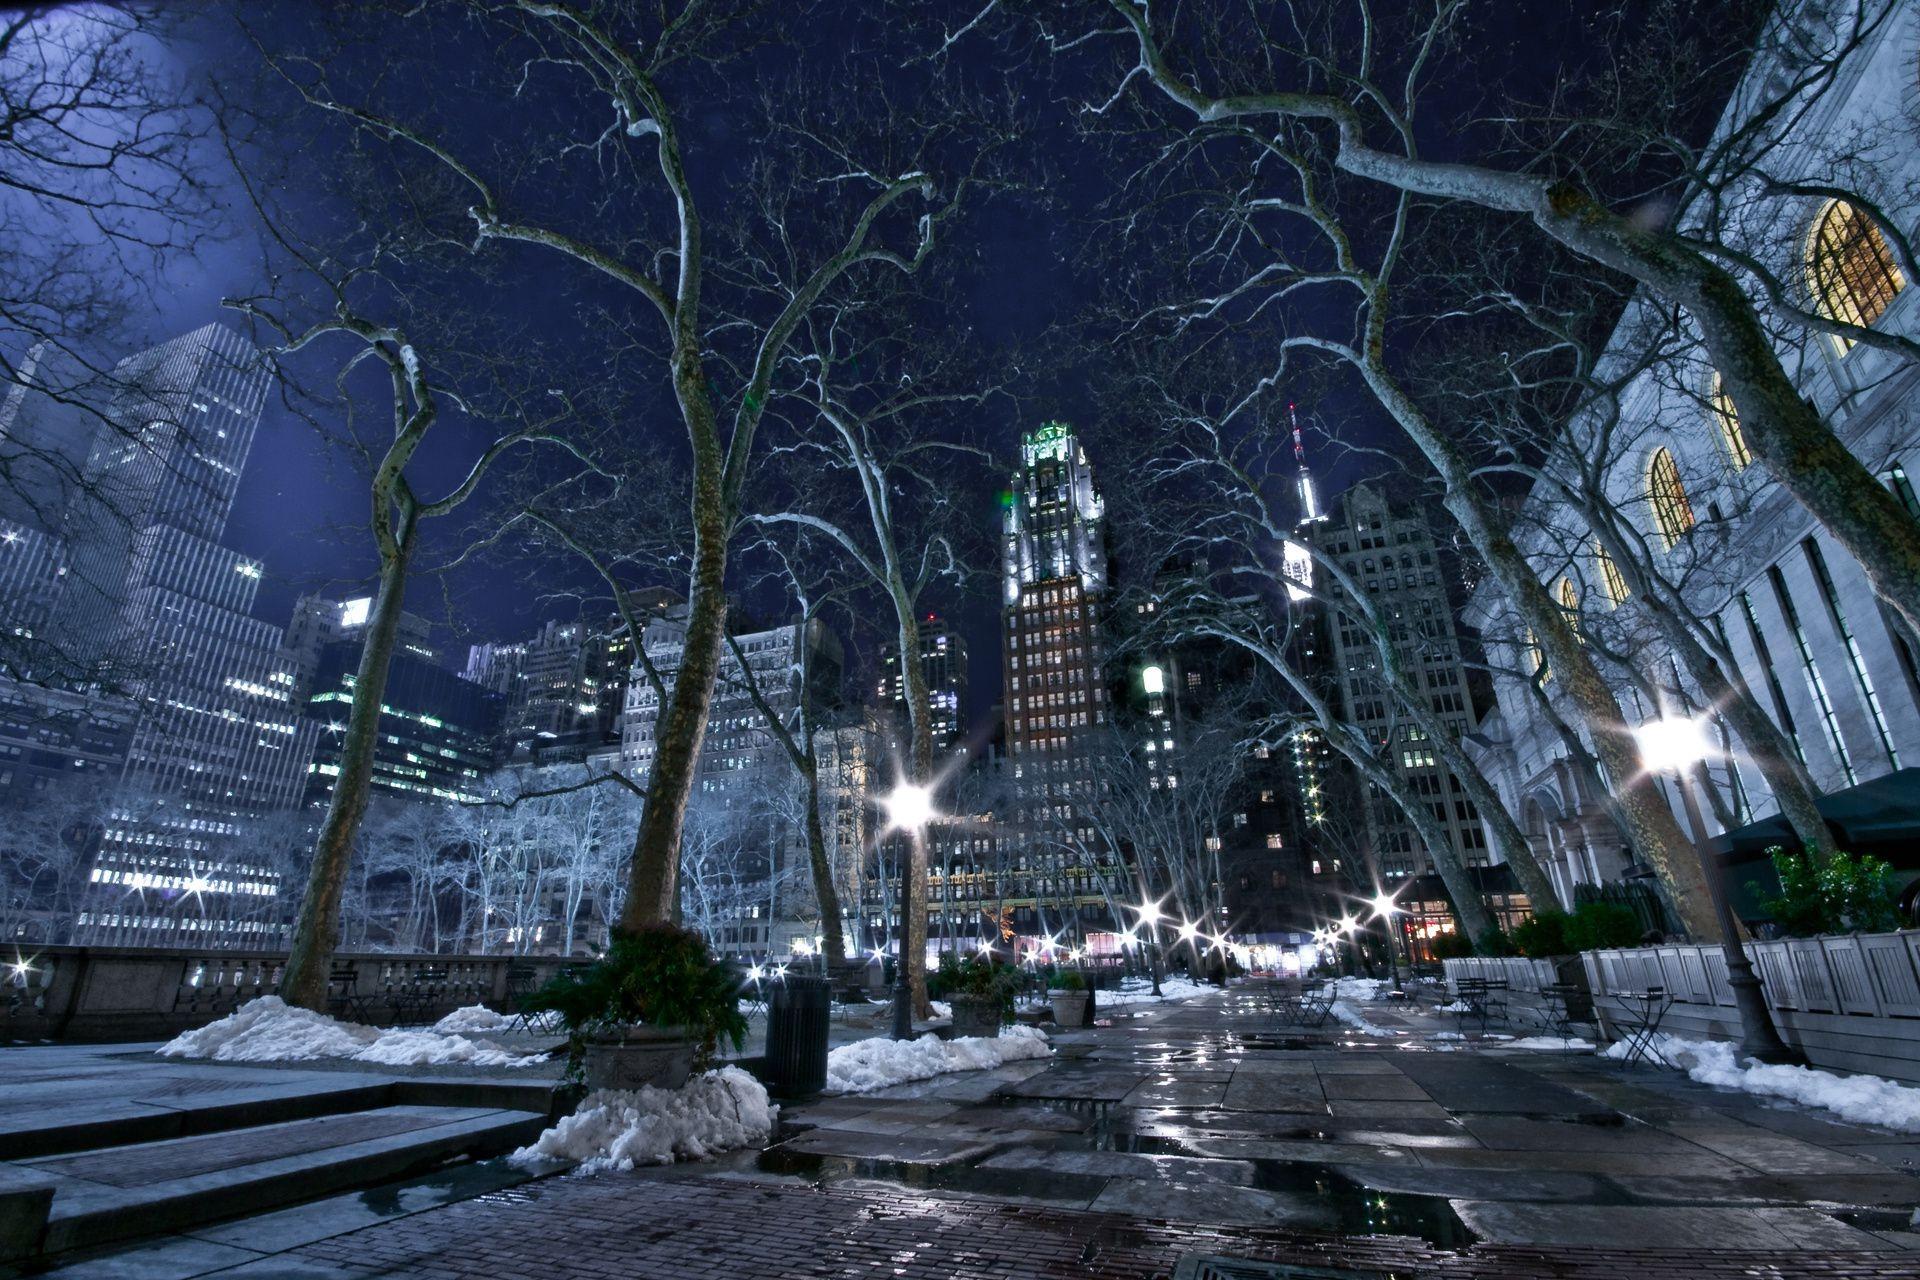 свет ночного города тает на земле - 14